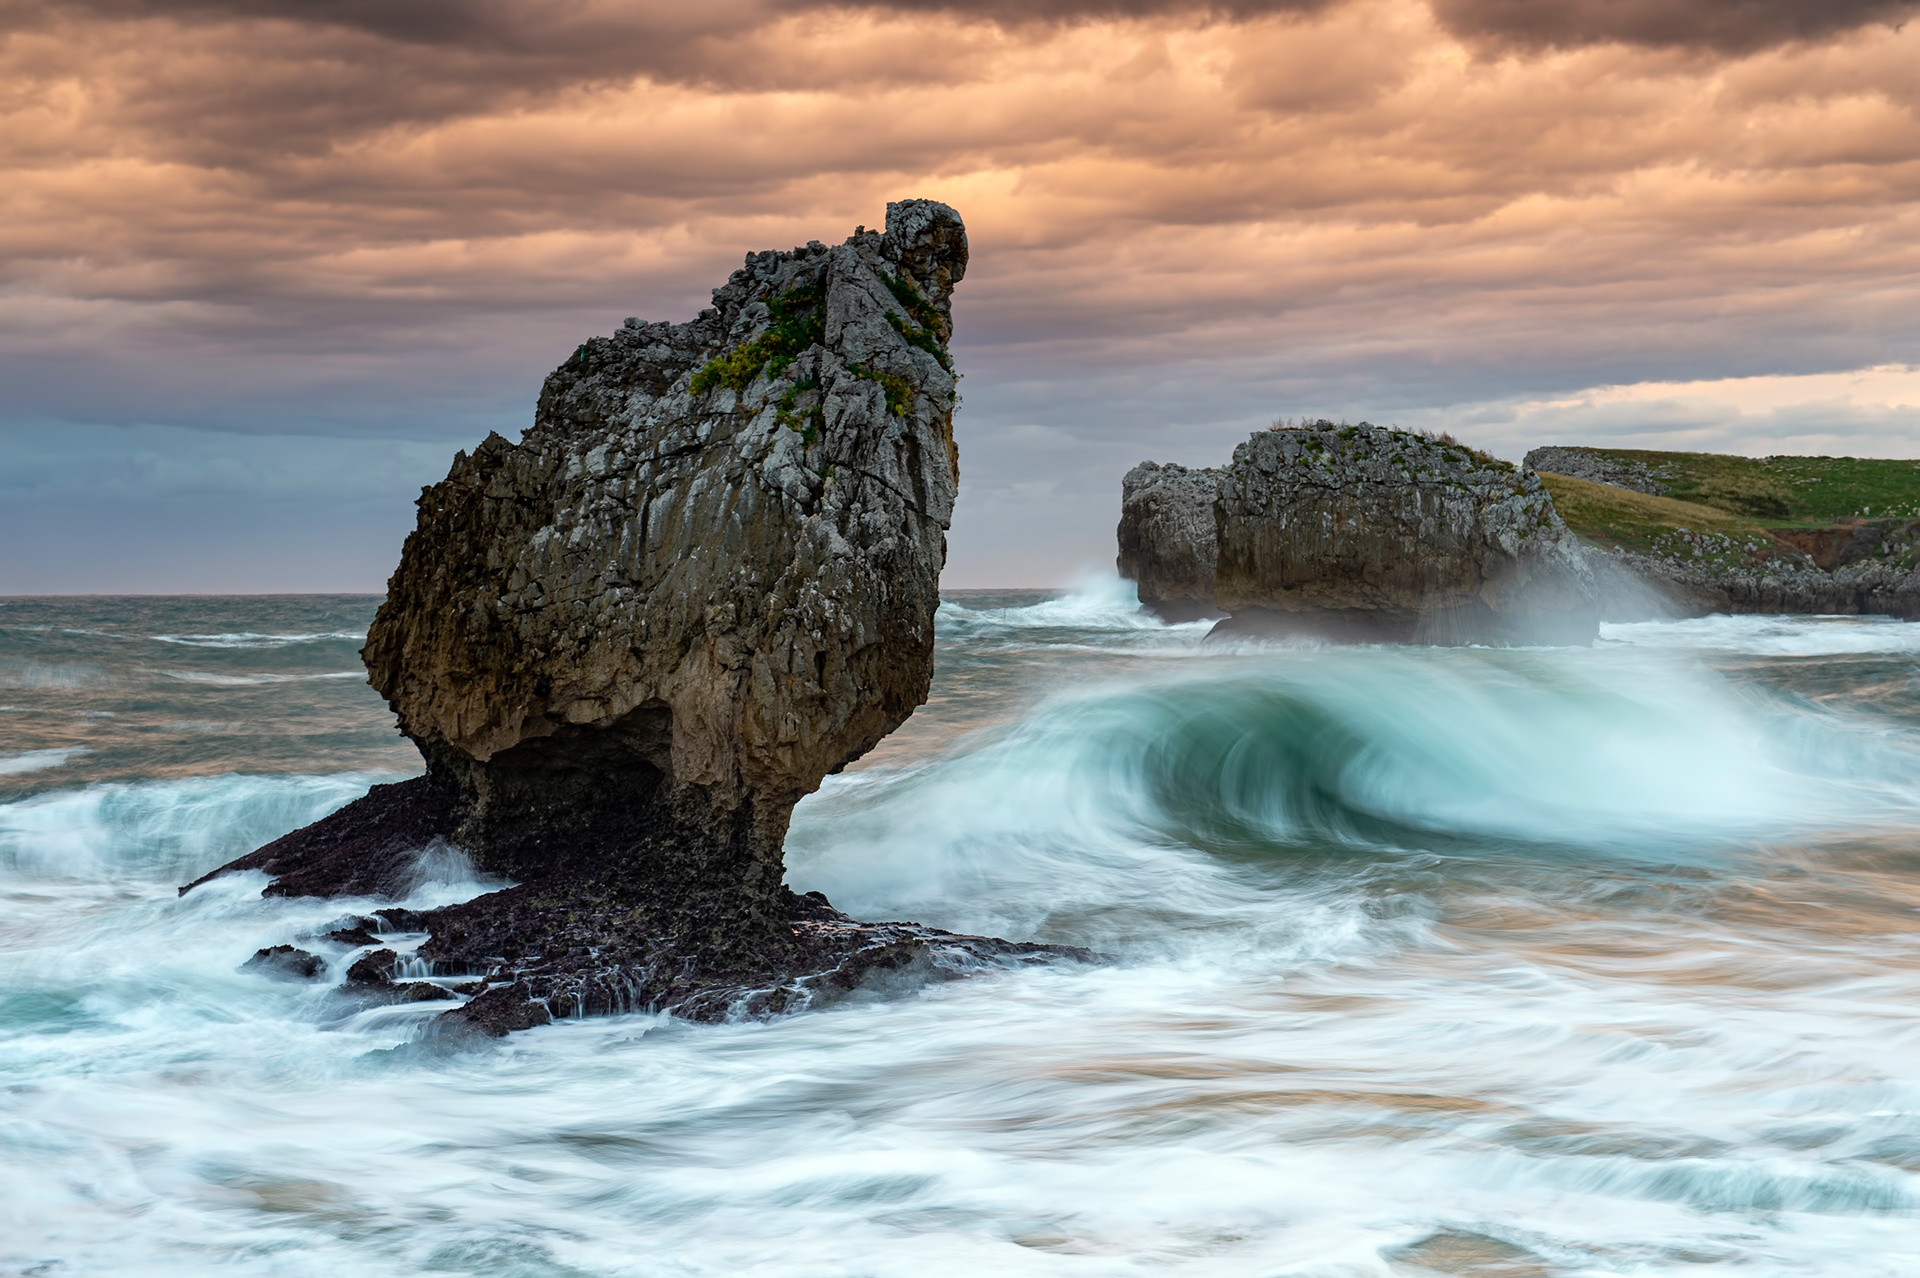 Ignacio Medem Seghers-Playa Buelna - 2020 - AFONAS, Asociación de Fotografos de Naturaleza de Asturias